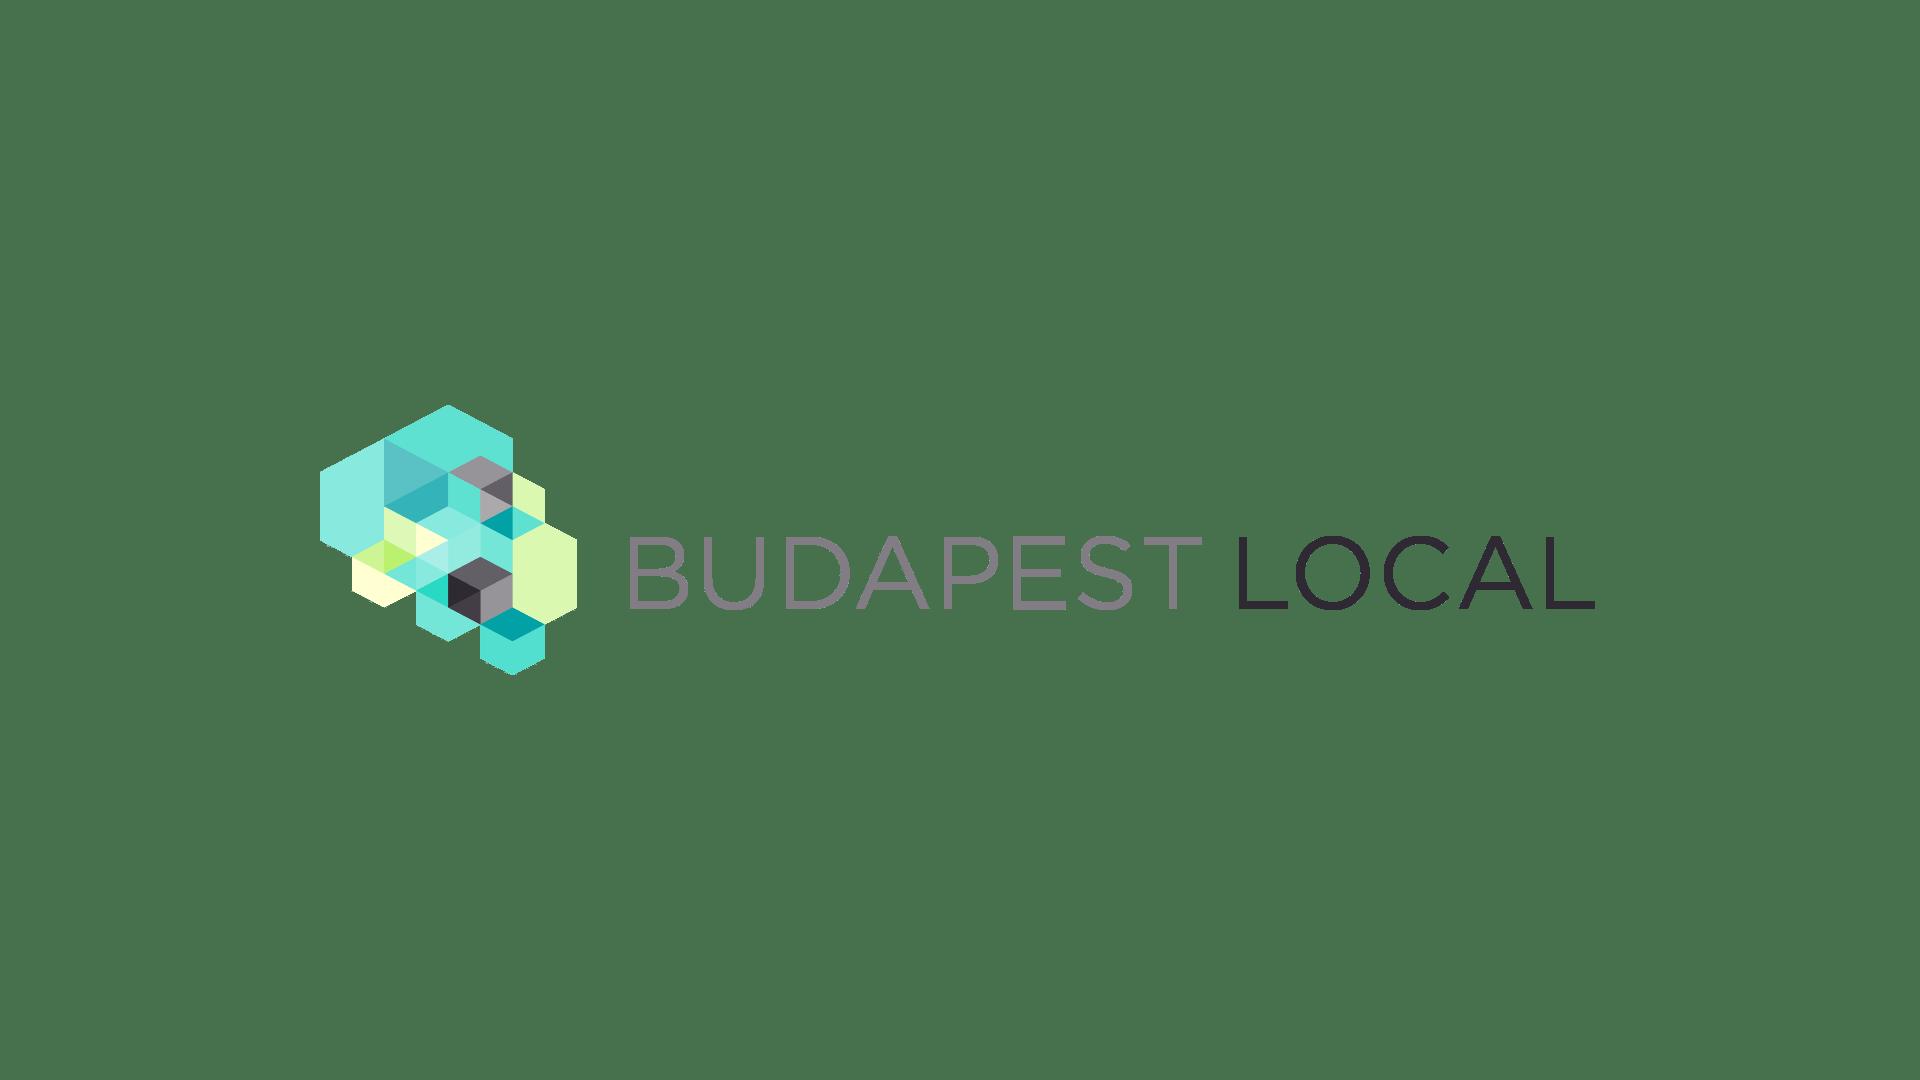 Budapest Local logo